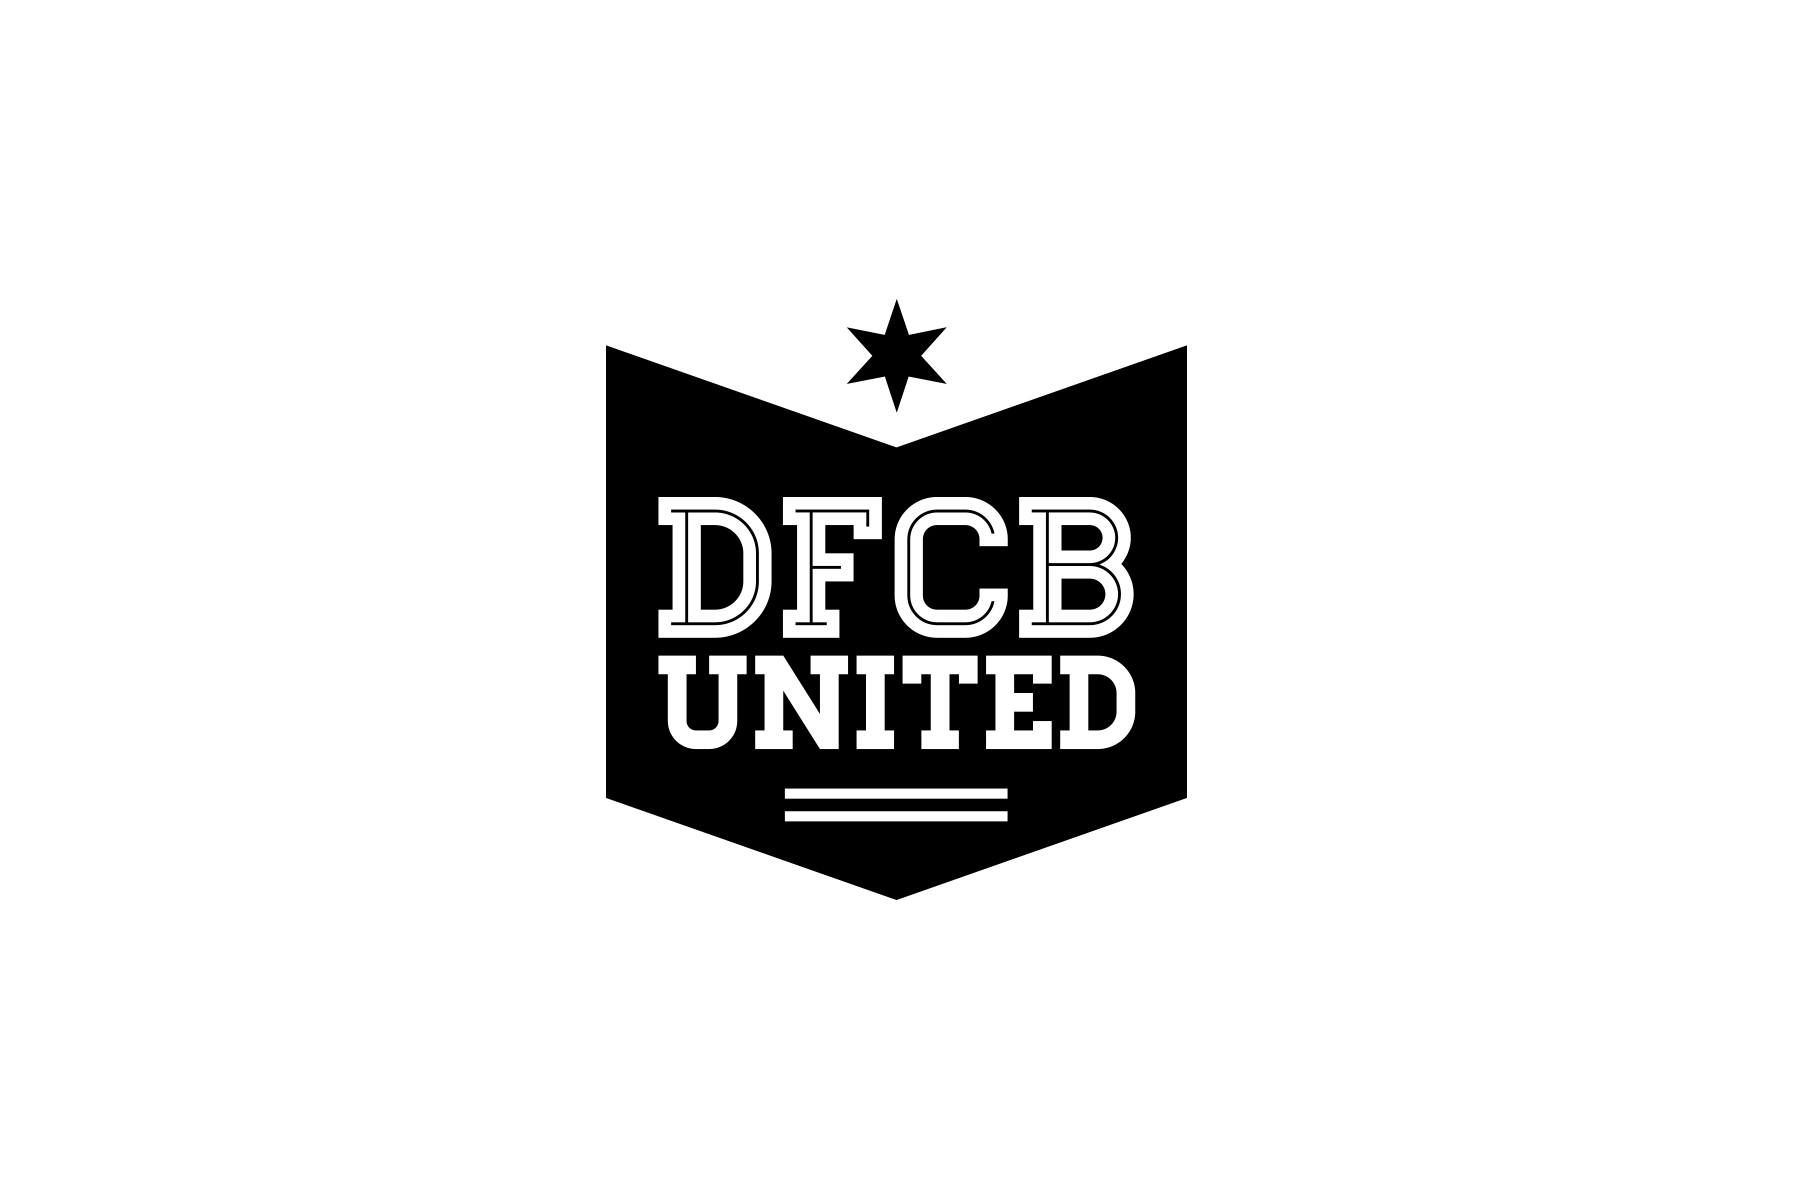 Logos_6x4_DFCB.jpg